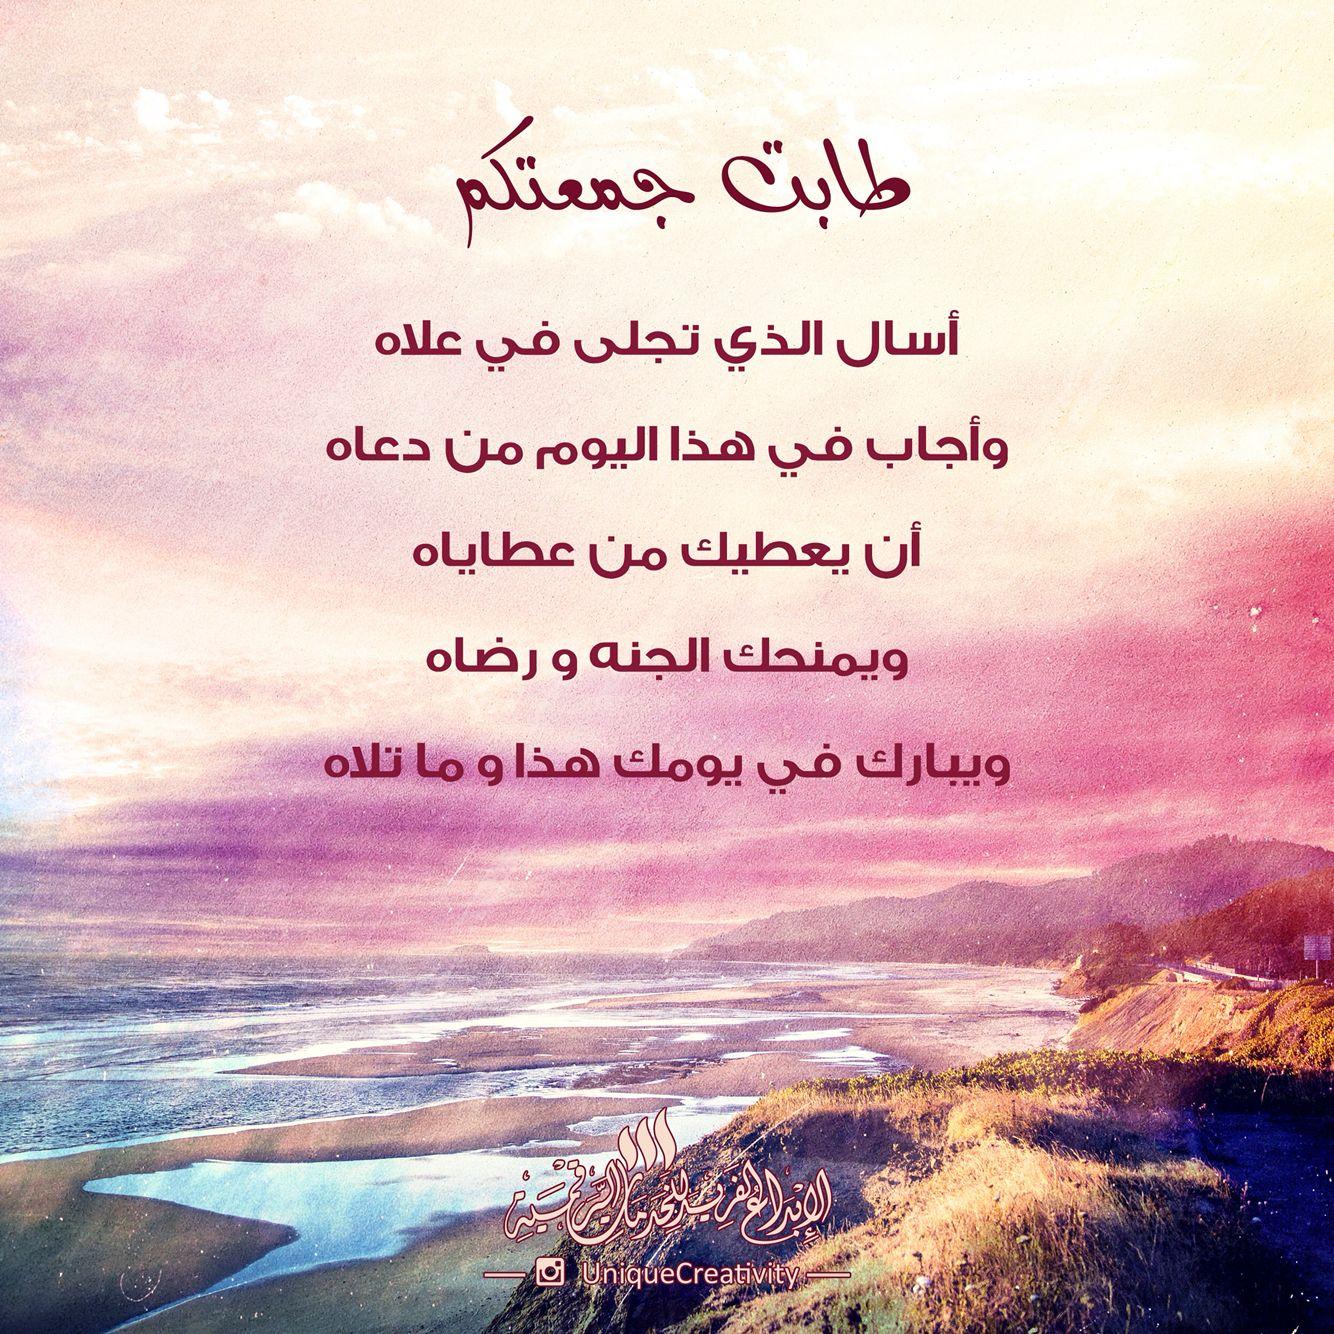 طابت جمعتكم يمكنكم إعادة نشر هذا التصميم في مختلف وسائل التواصل الإجتماعي مع ذكر الحقوق صباح الخير جمعة Beautiful Quran Quotes Lovely Quote Islam